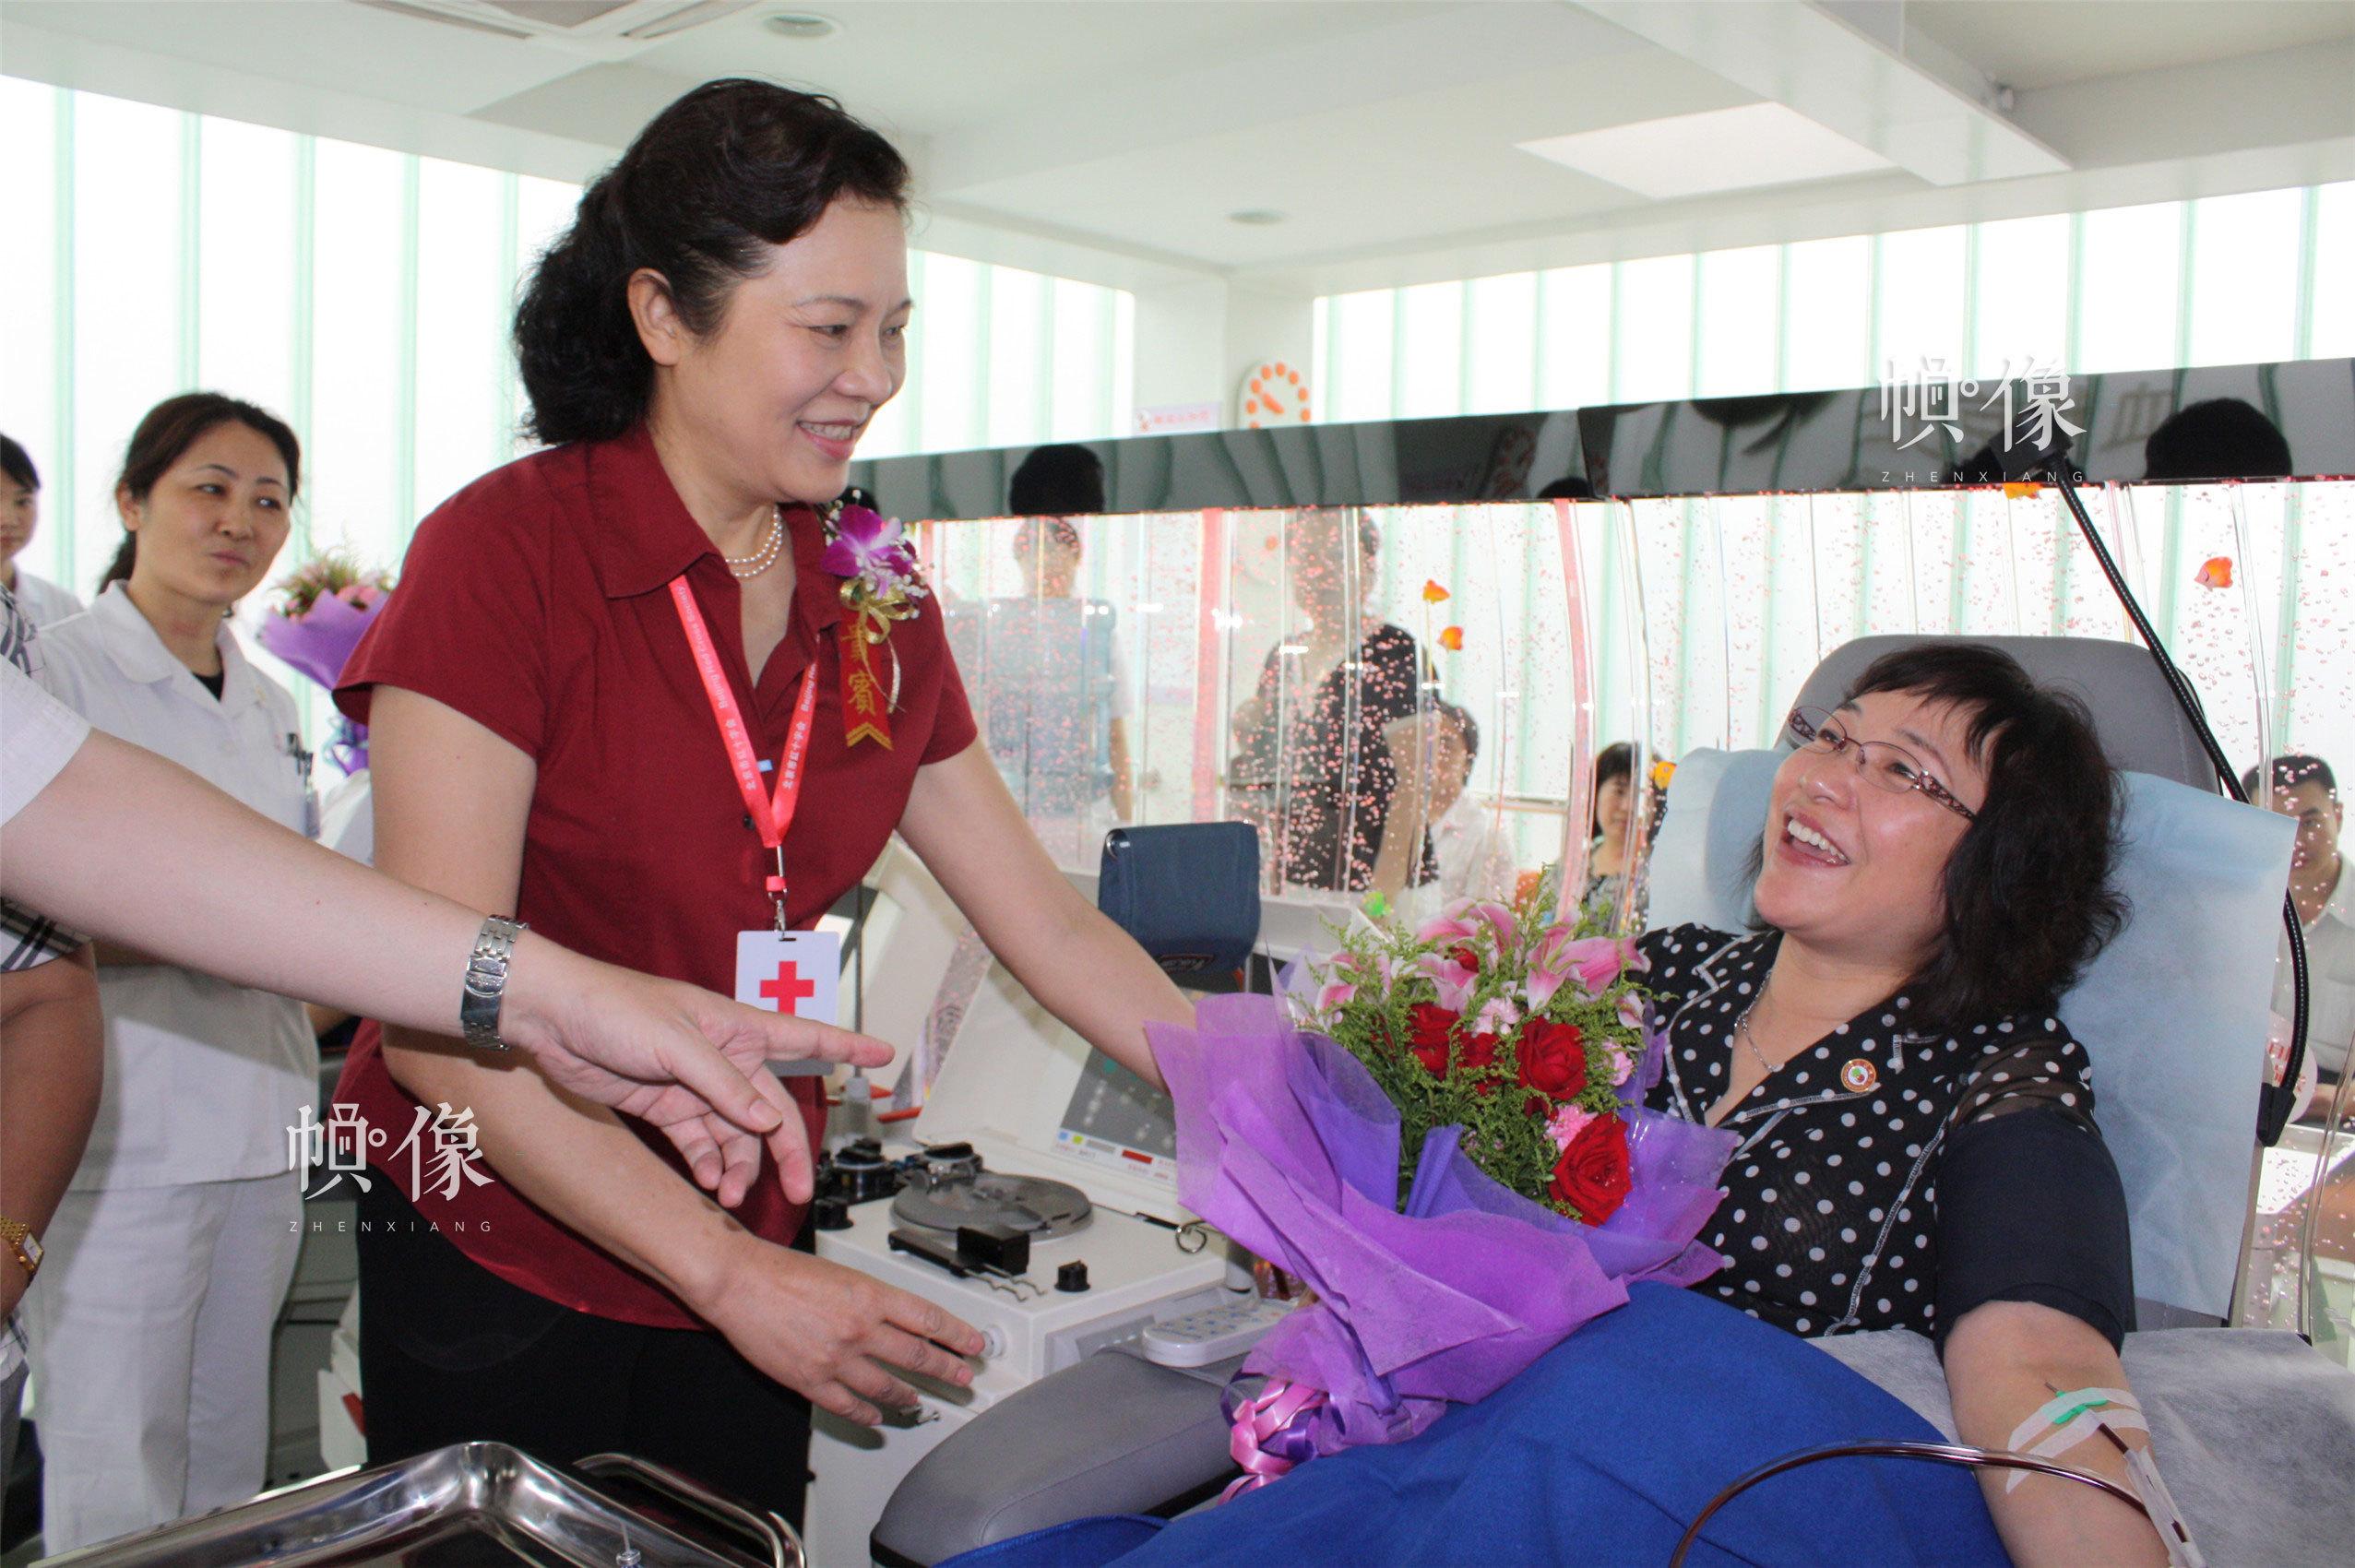 2010月6月12日,全市唯一的固定献血屋——西单献血屋启用当日,时任北京市红十字会常务副会长韩陆慰问无偿献血者。(西城区红十字会供图)